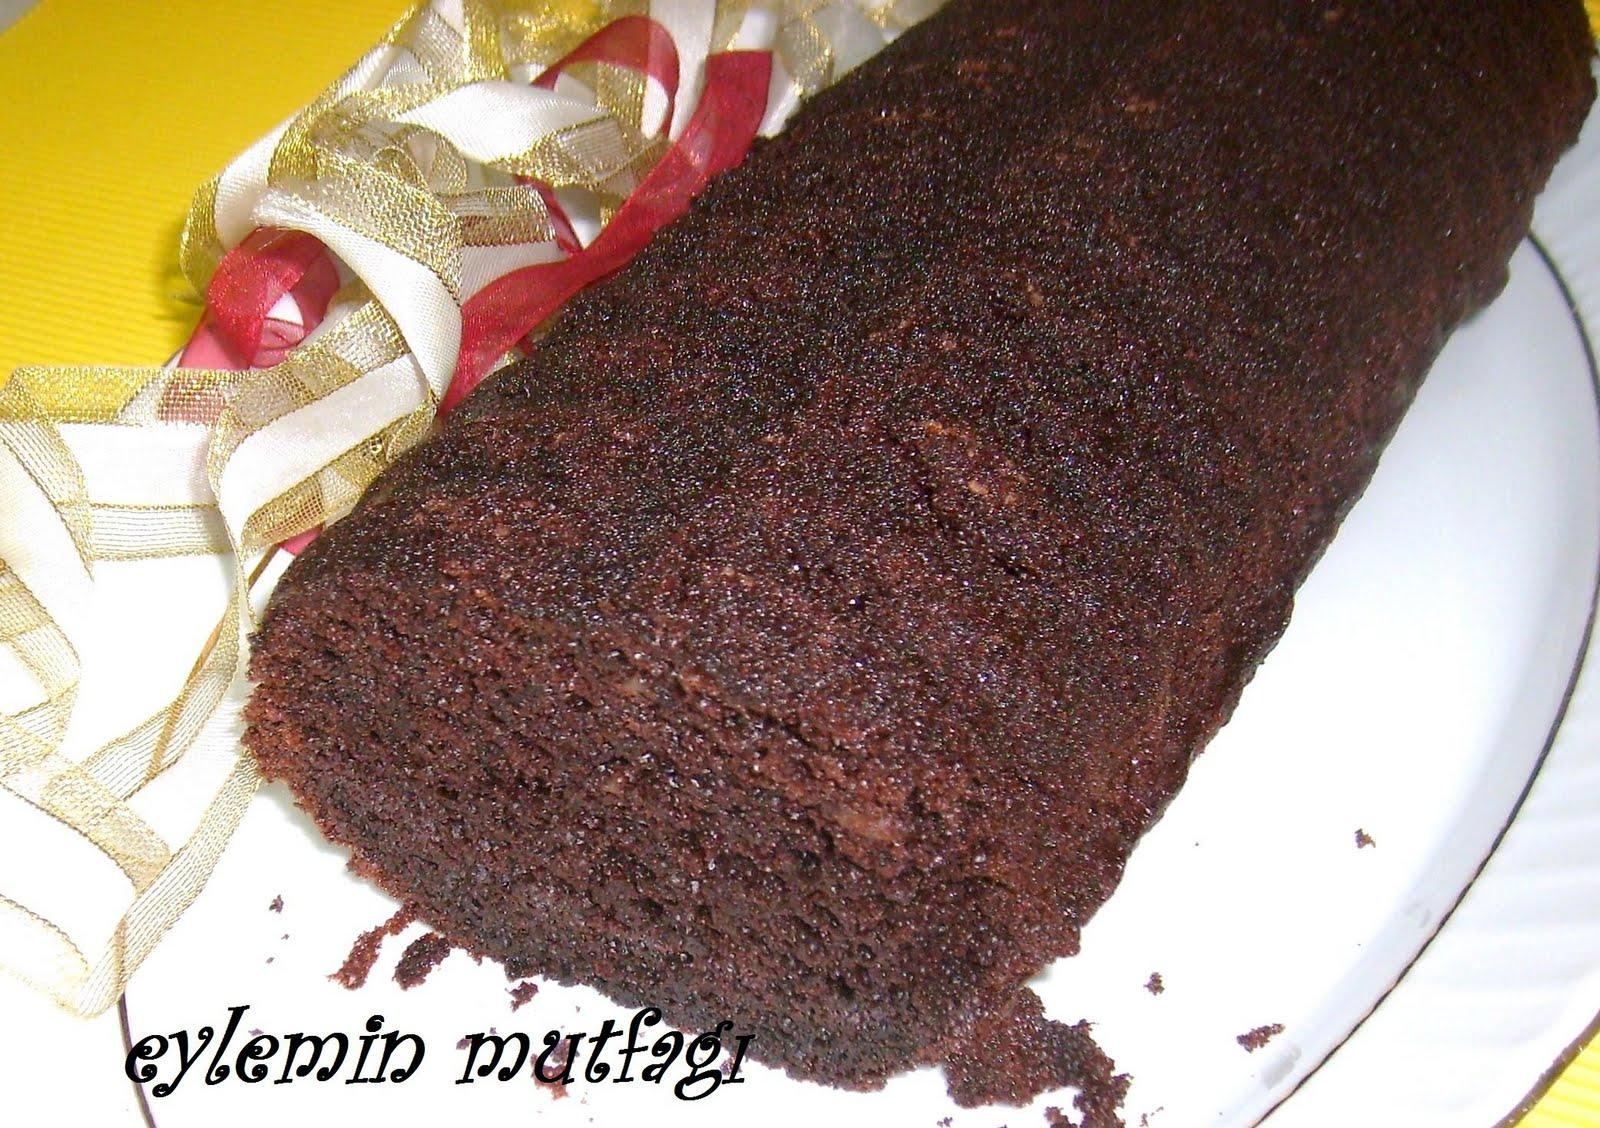 Cevizli Çaylı Kek Tarifi